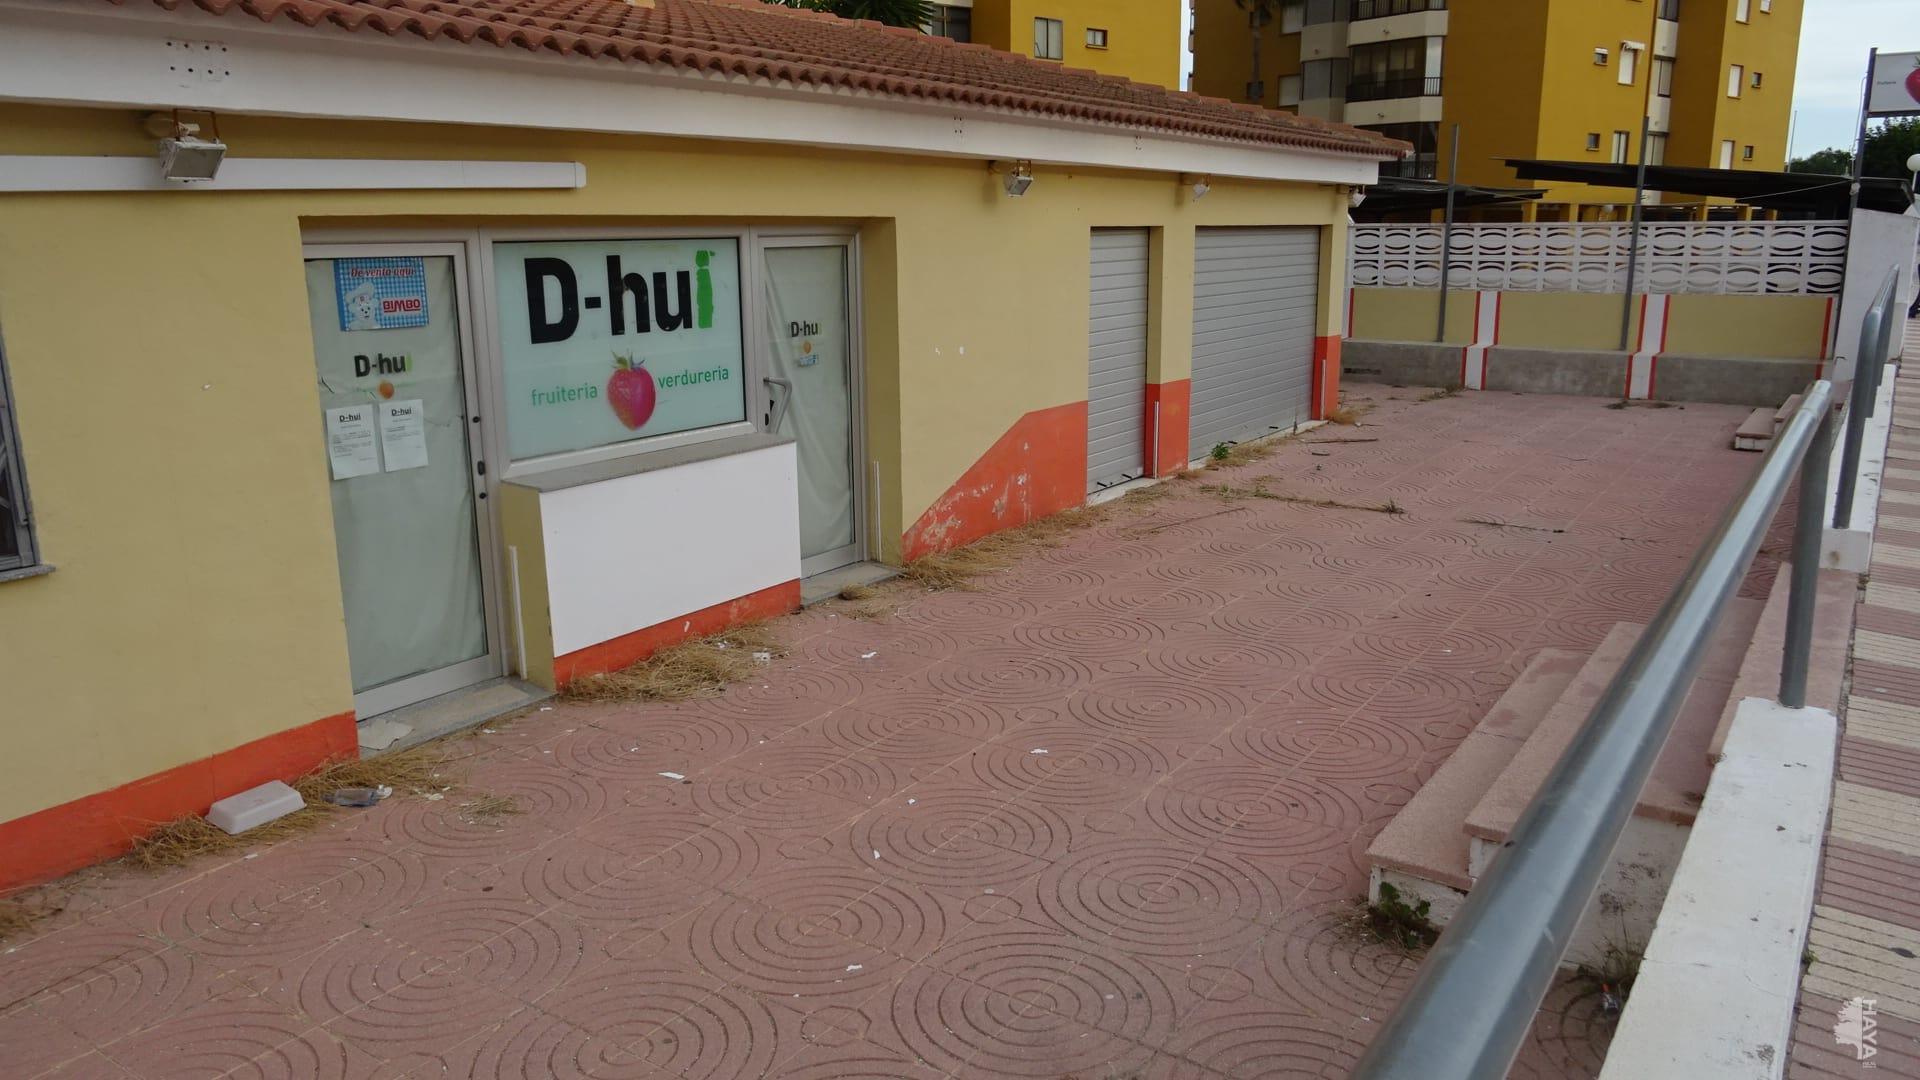 Local en venta en Xeraco, Valencia, Calle Borrons, 131.000 €, 135 m2